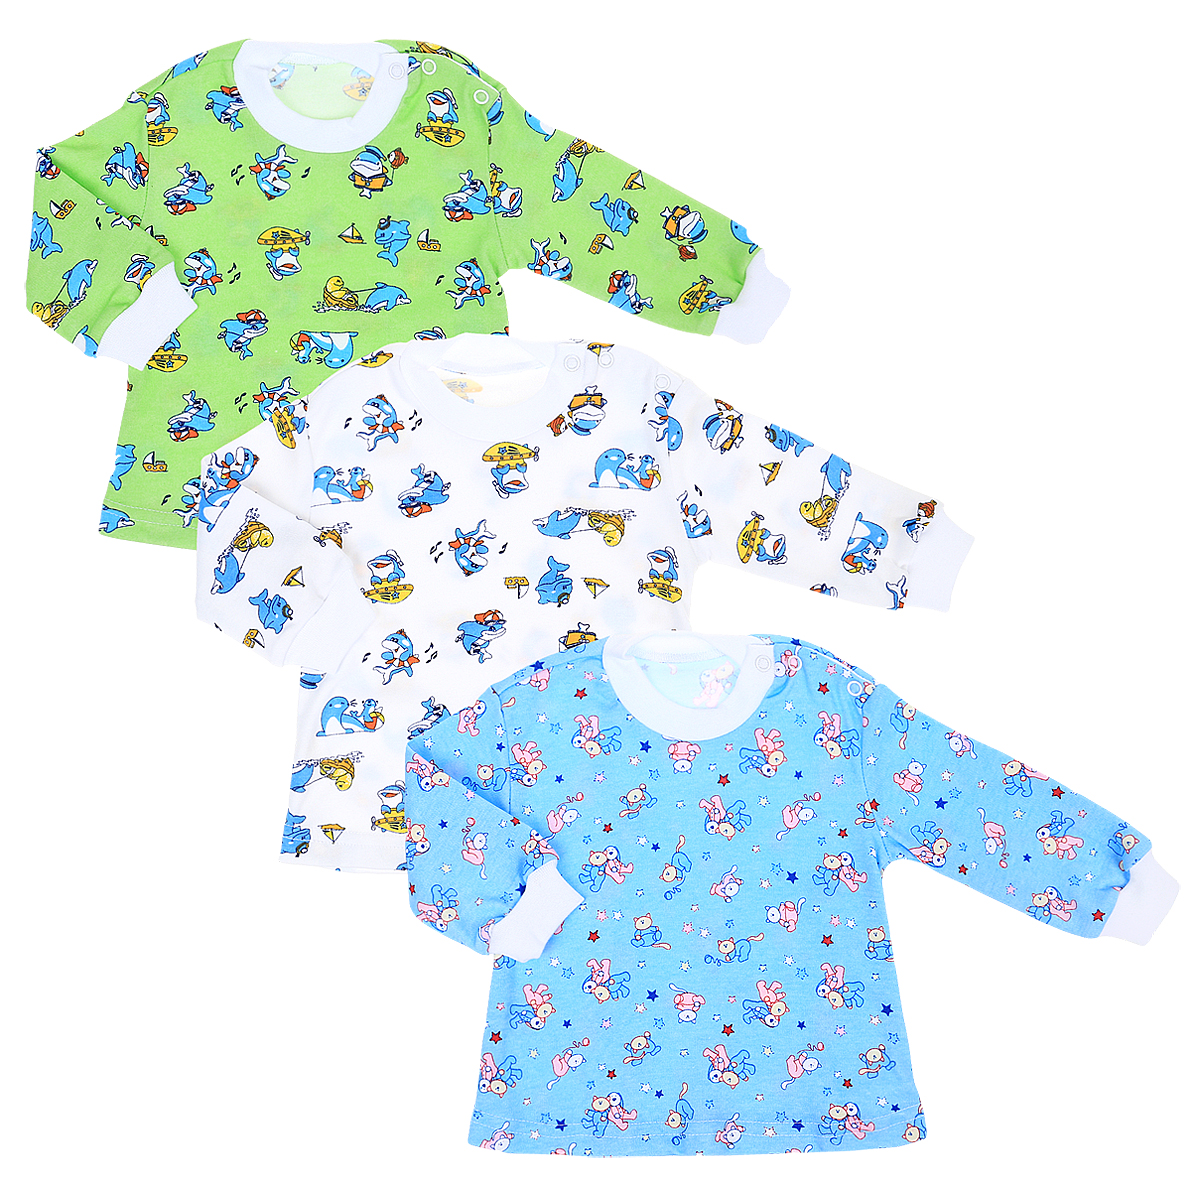 Комплект футболок для мальчика Фреш Стайл, цвет: мультиколор. 33-232м. Размер 7433-232мФутболка с длинными рукавами Фреш Стайл послужит идеальным дополнением к гардеробу малыша.Футболка изготовлена из натурального хлопка, благодаря чему она необычайно мягкая и легкая, не раздражает нежную кожу ребенка и хорошо вентилируется, а эластичные швы приятны телу малыша и не препятствуют его движениям. Футболка имеет удобные запахи на плечах, которые позволяют без труда переодеть ребенка. Оформлена модель оригинальным рисунком с изображением забавных животных.В такой футболке ваш ребенок всегда будет в центре внимания!